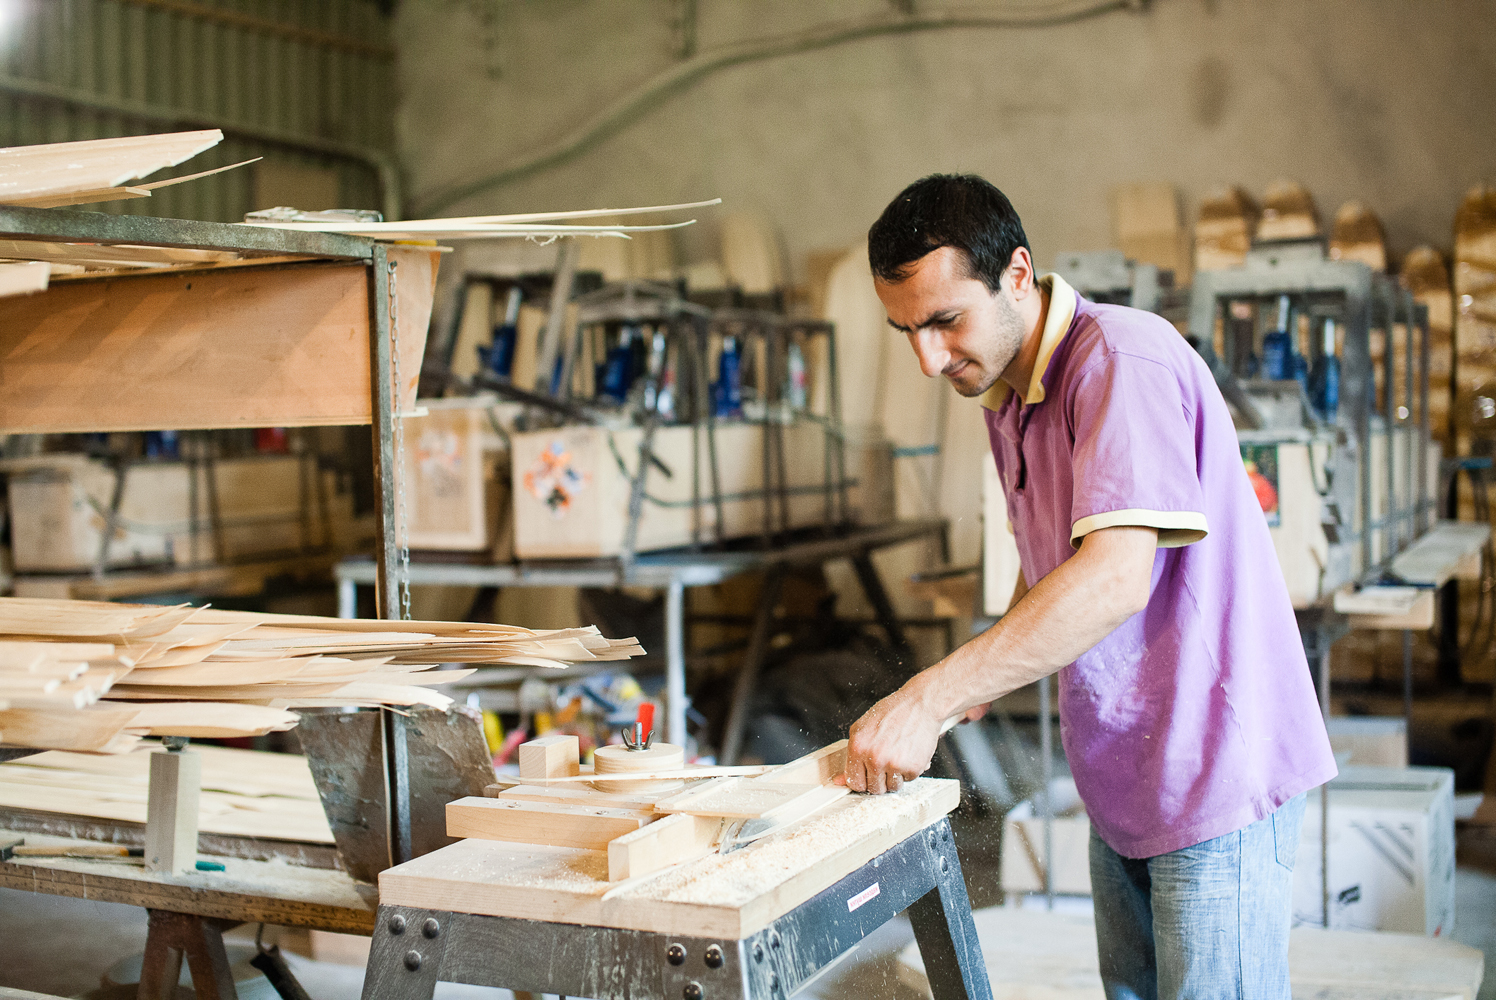 Креативные бизнес идеи для творческих людей - технология бизнеса